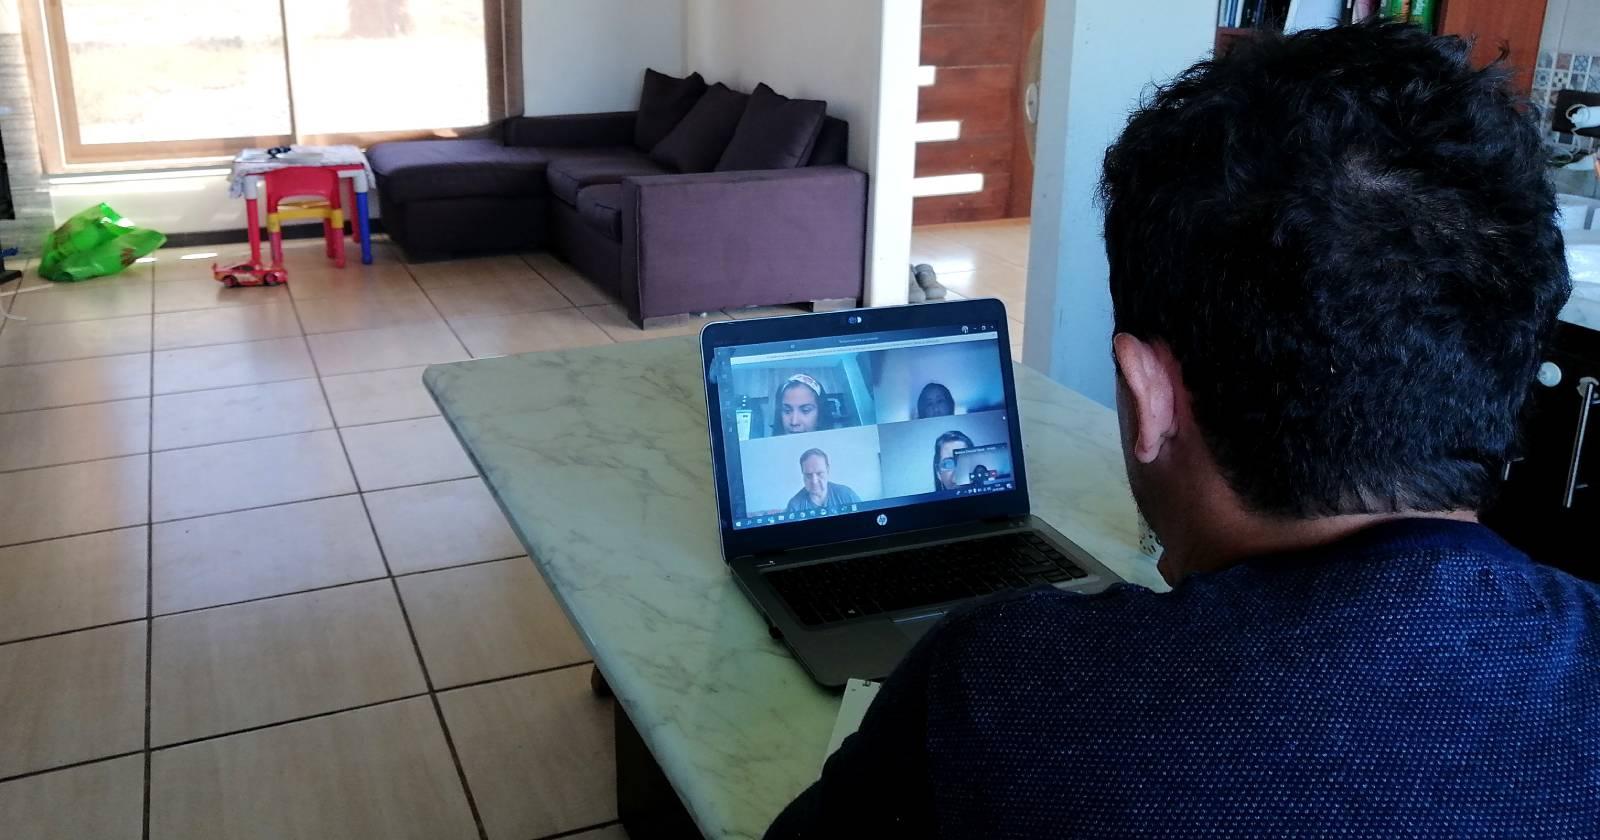 Nativos digitales: ¿una brecha social?